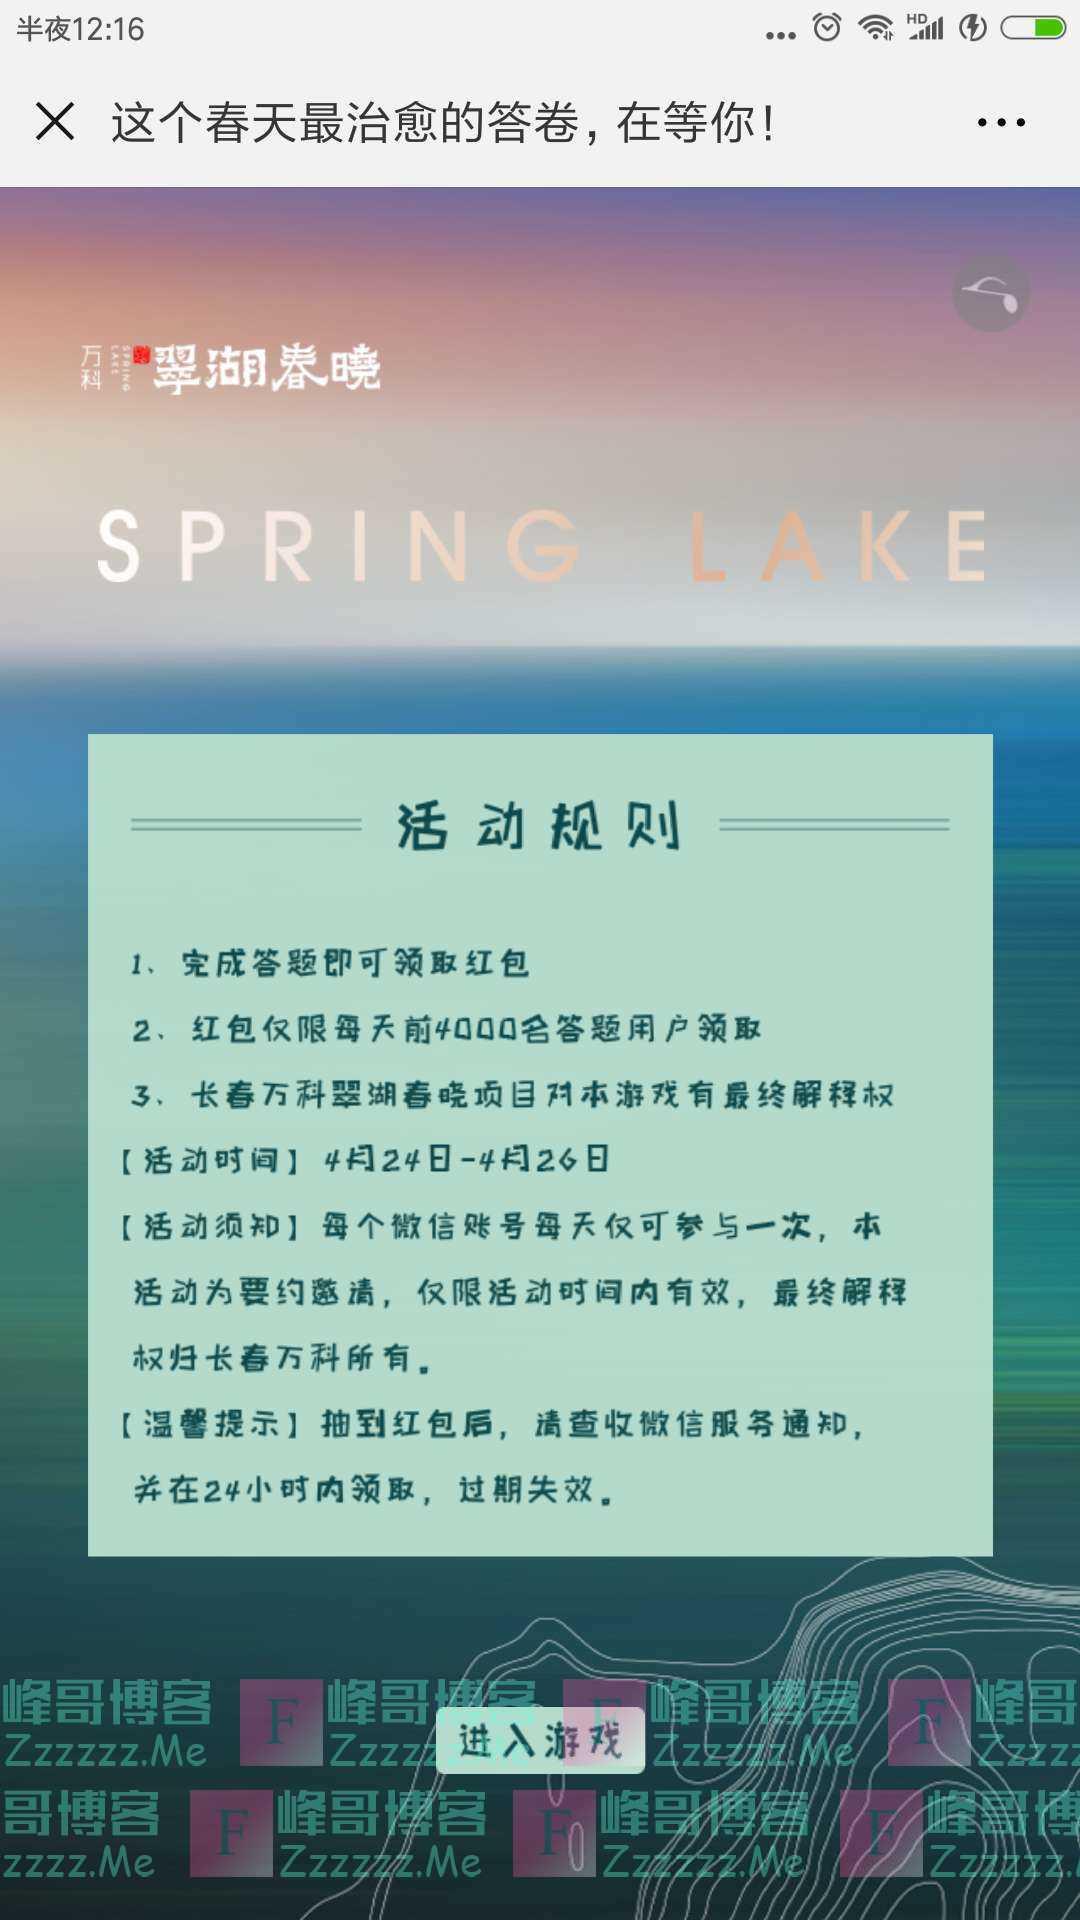 长春万科翠湖春晚项目答题抽红包(截止4月26日)